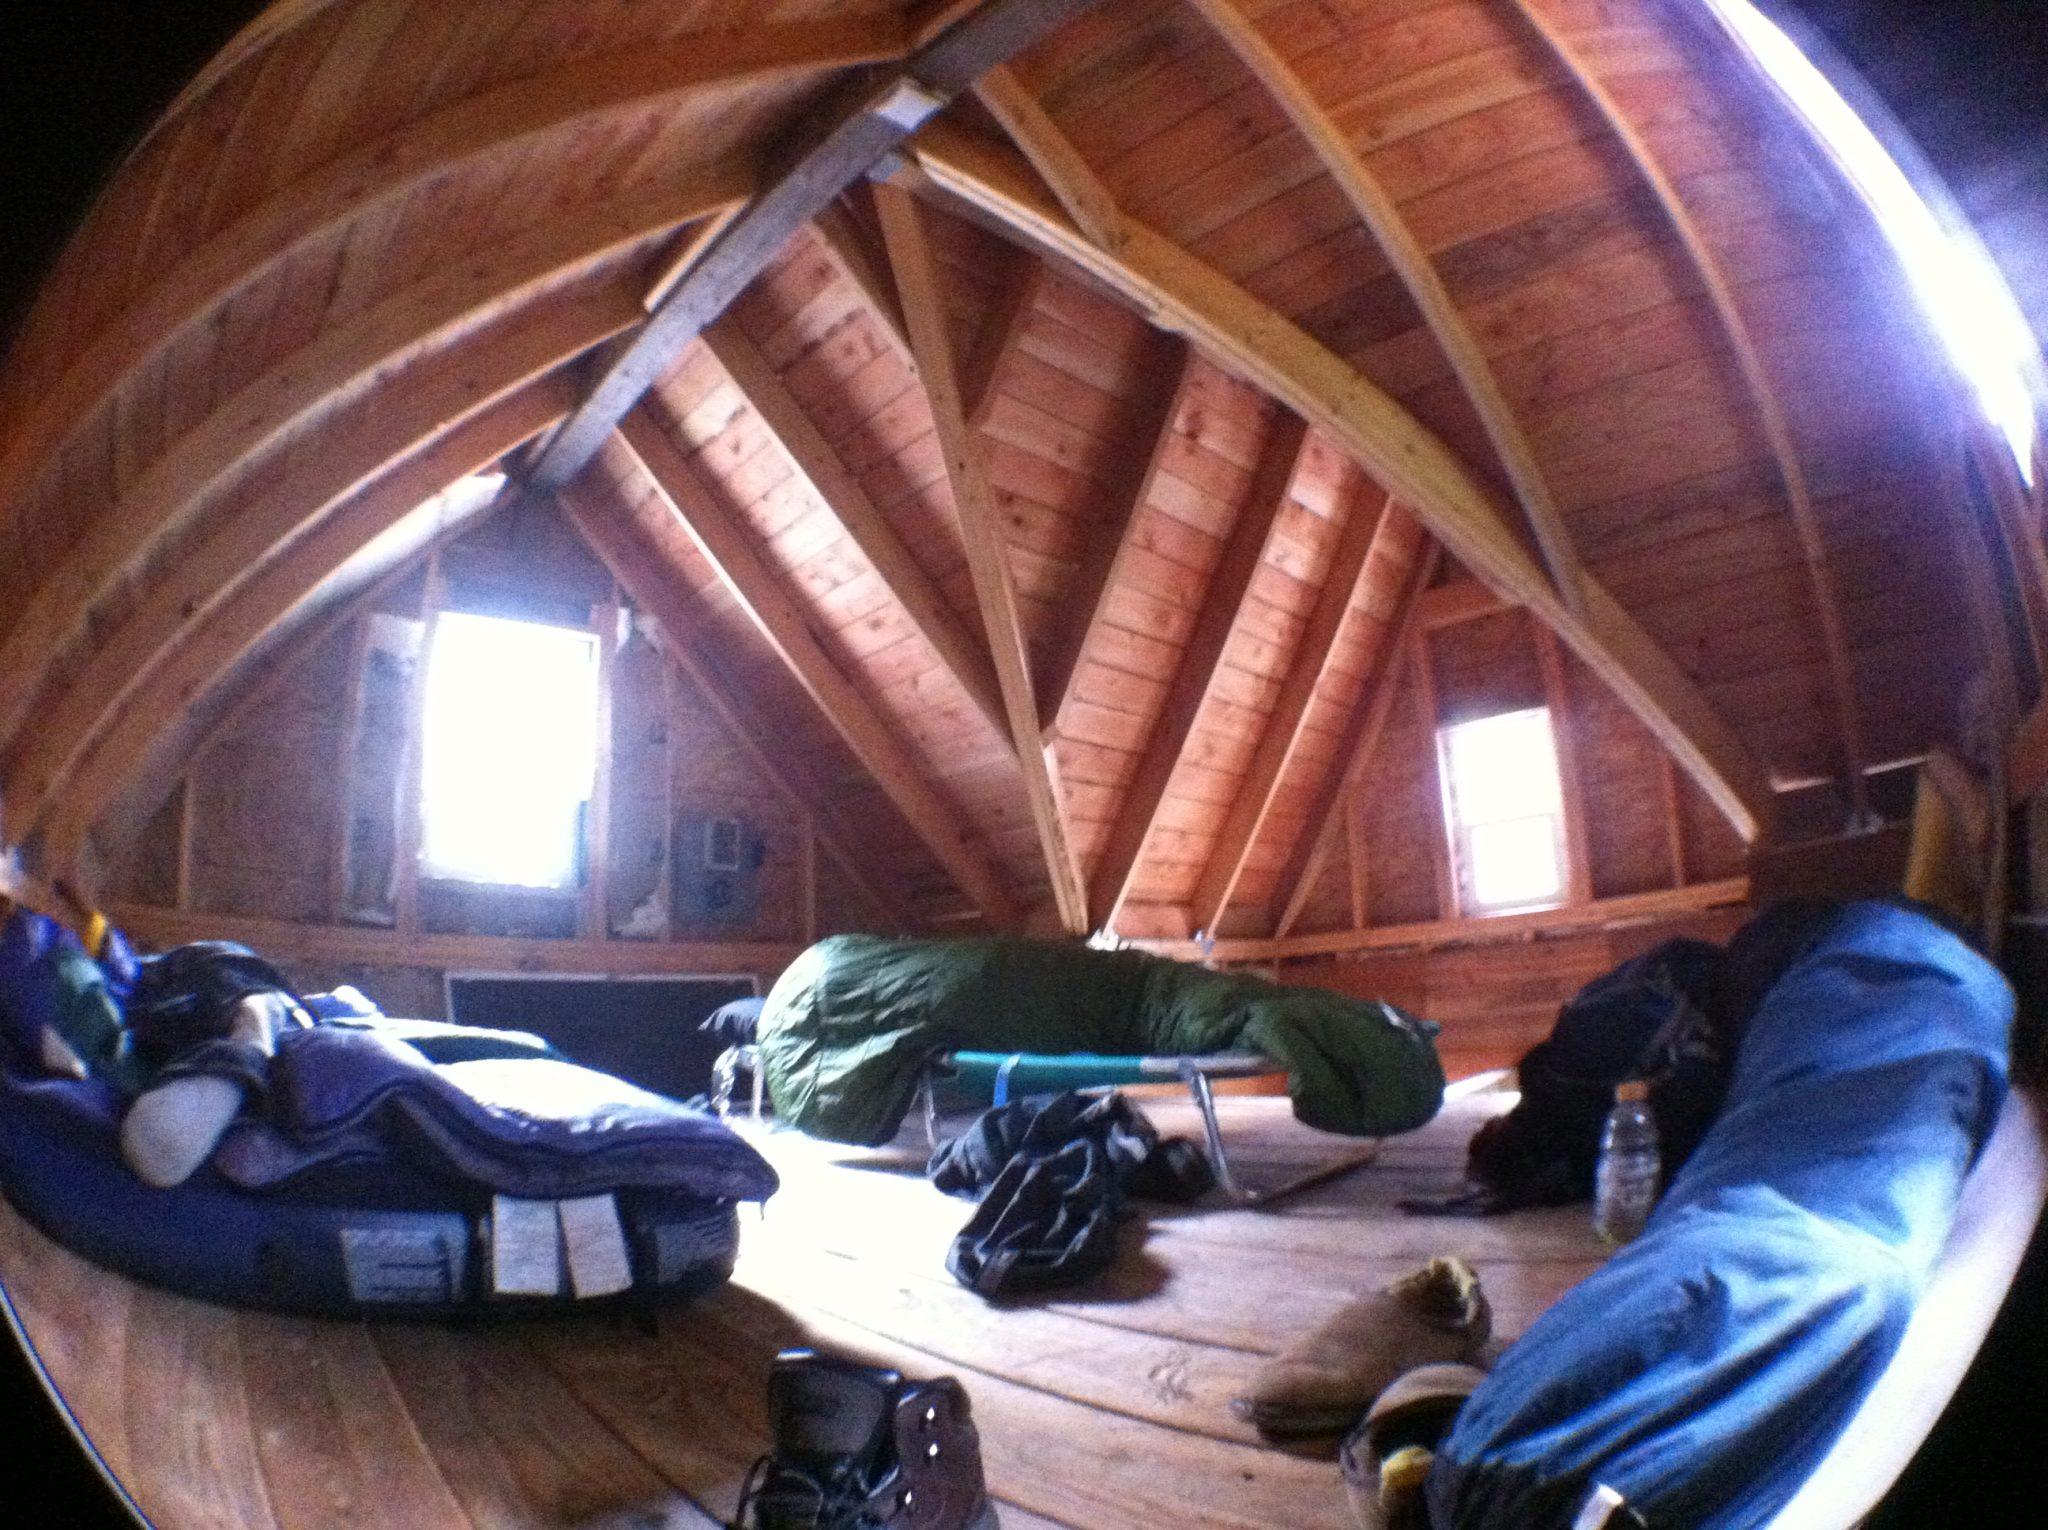 loft in small cabin - Solar burrito